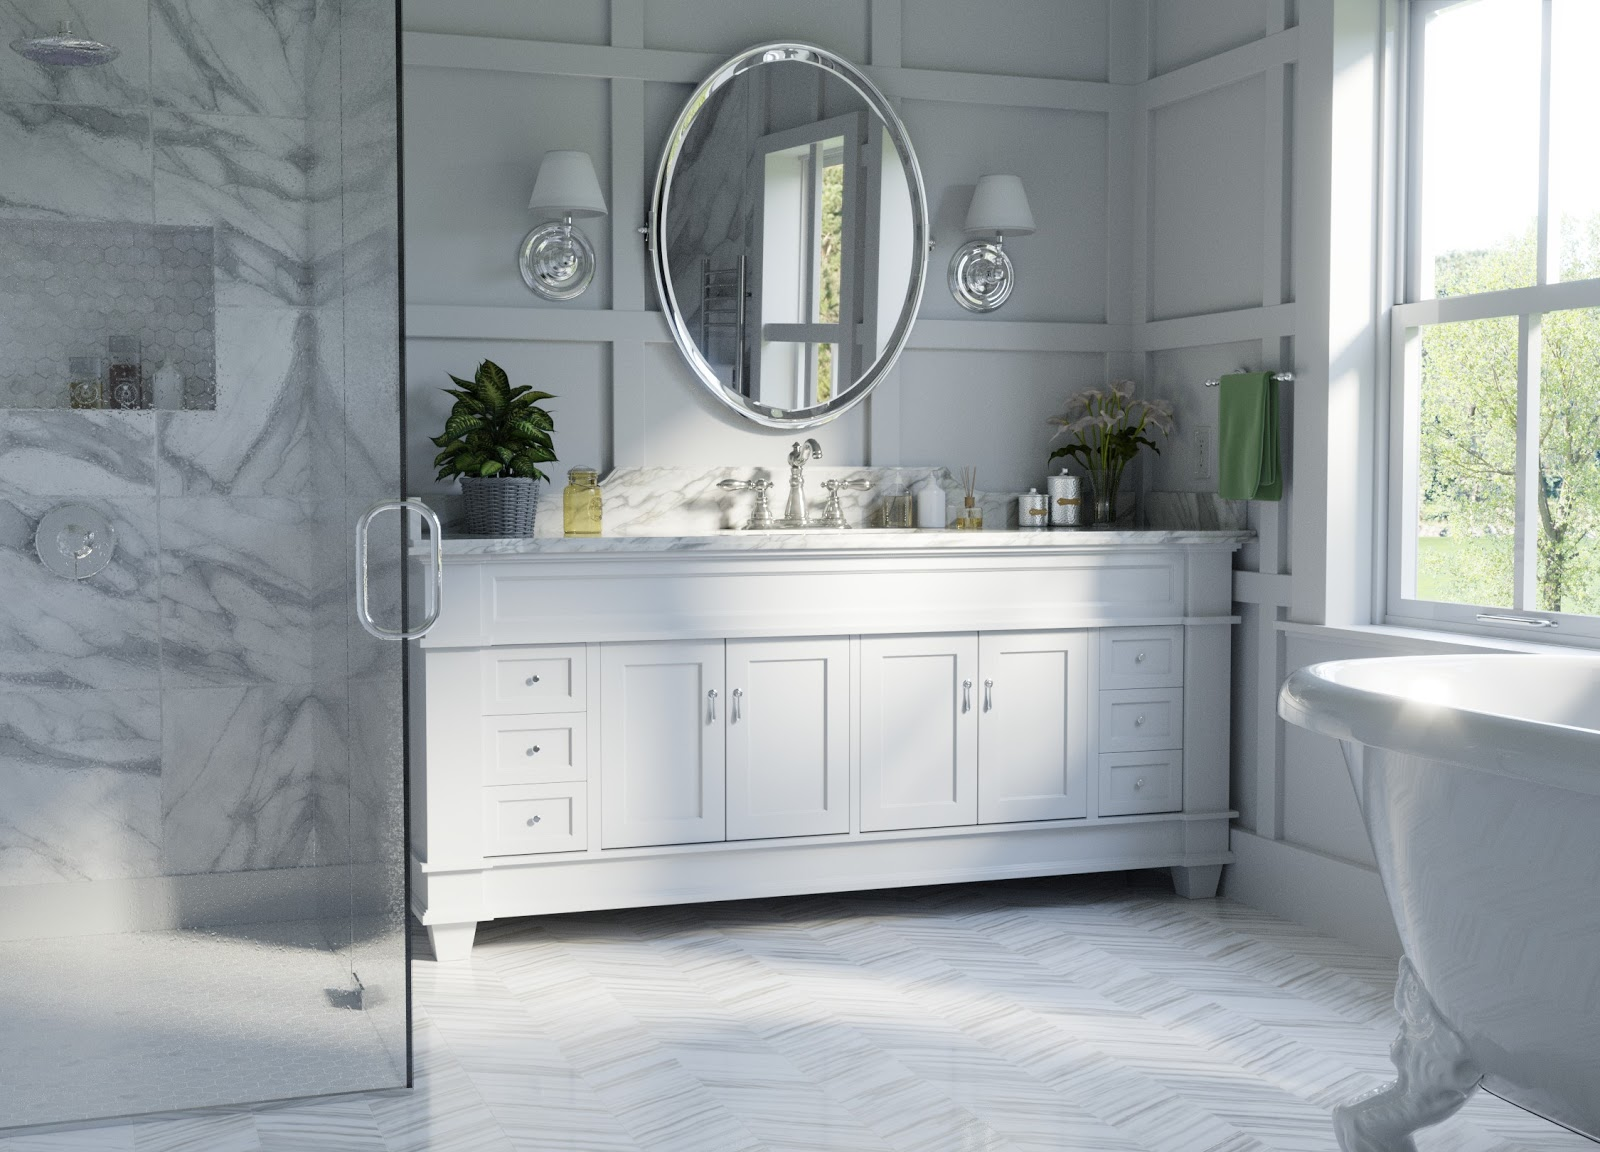 blender 4d comment mod liser un int rieur dans blender. Black Bedroom Furniture Sets. Home Design Ideas